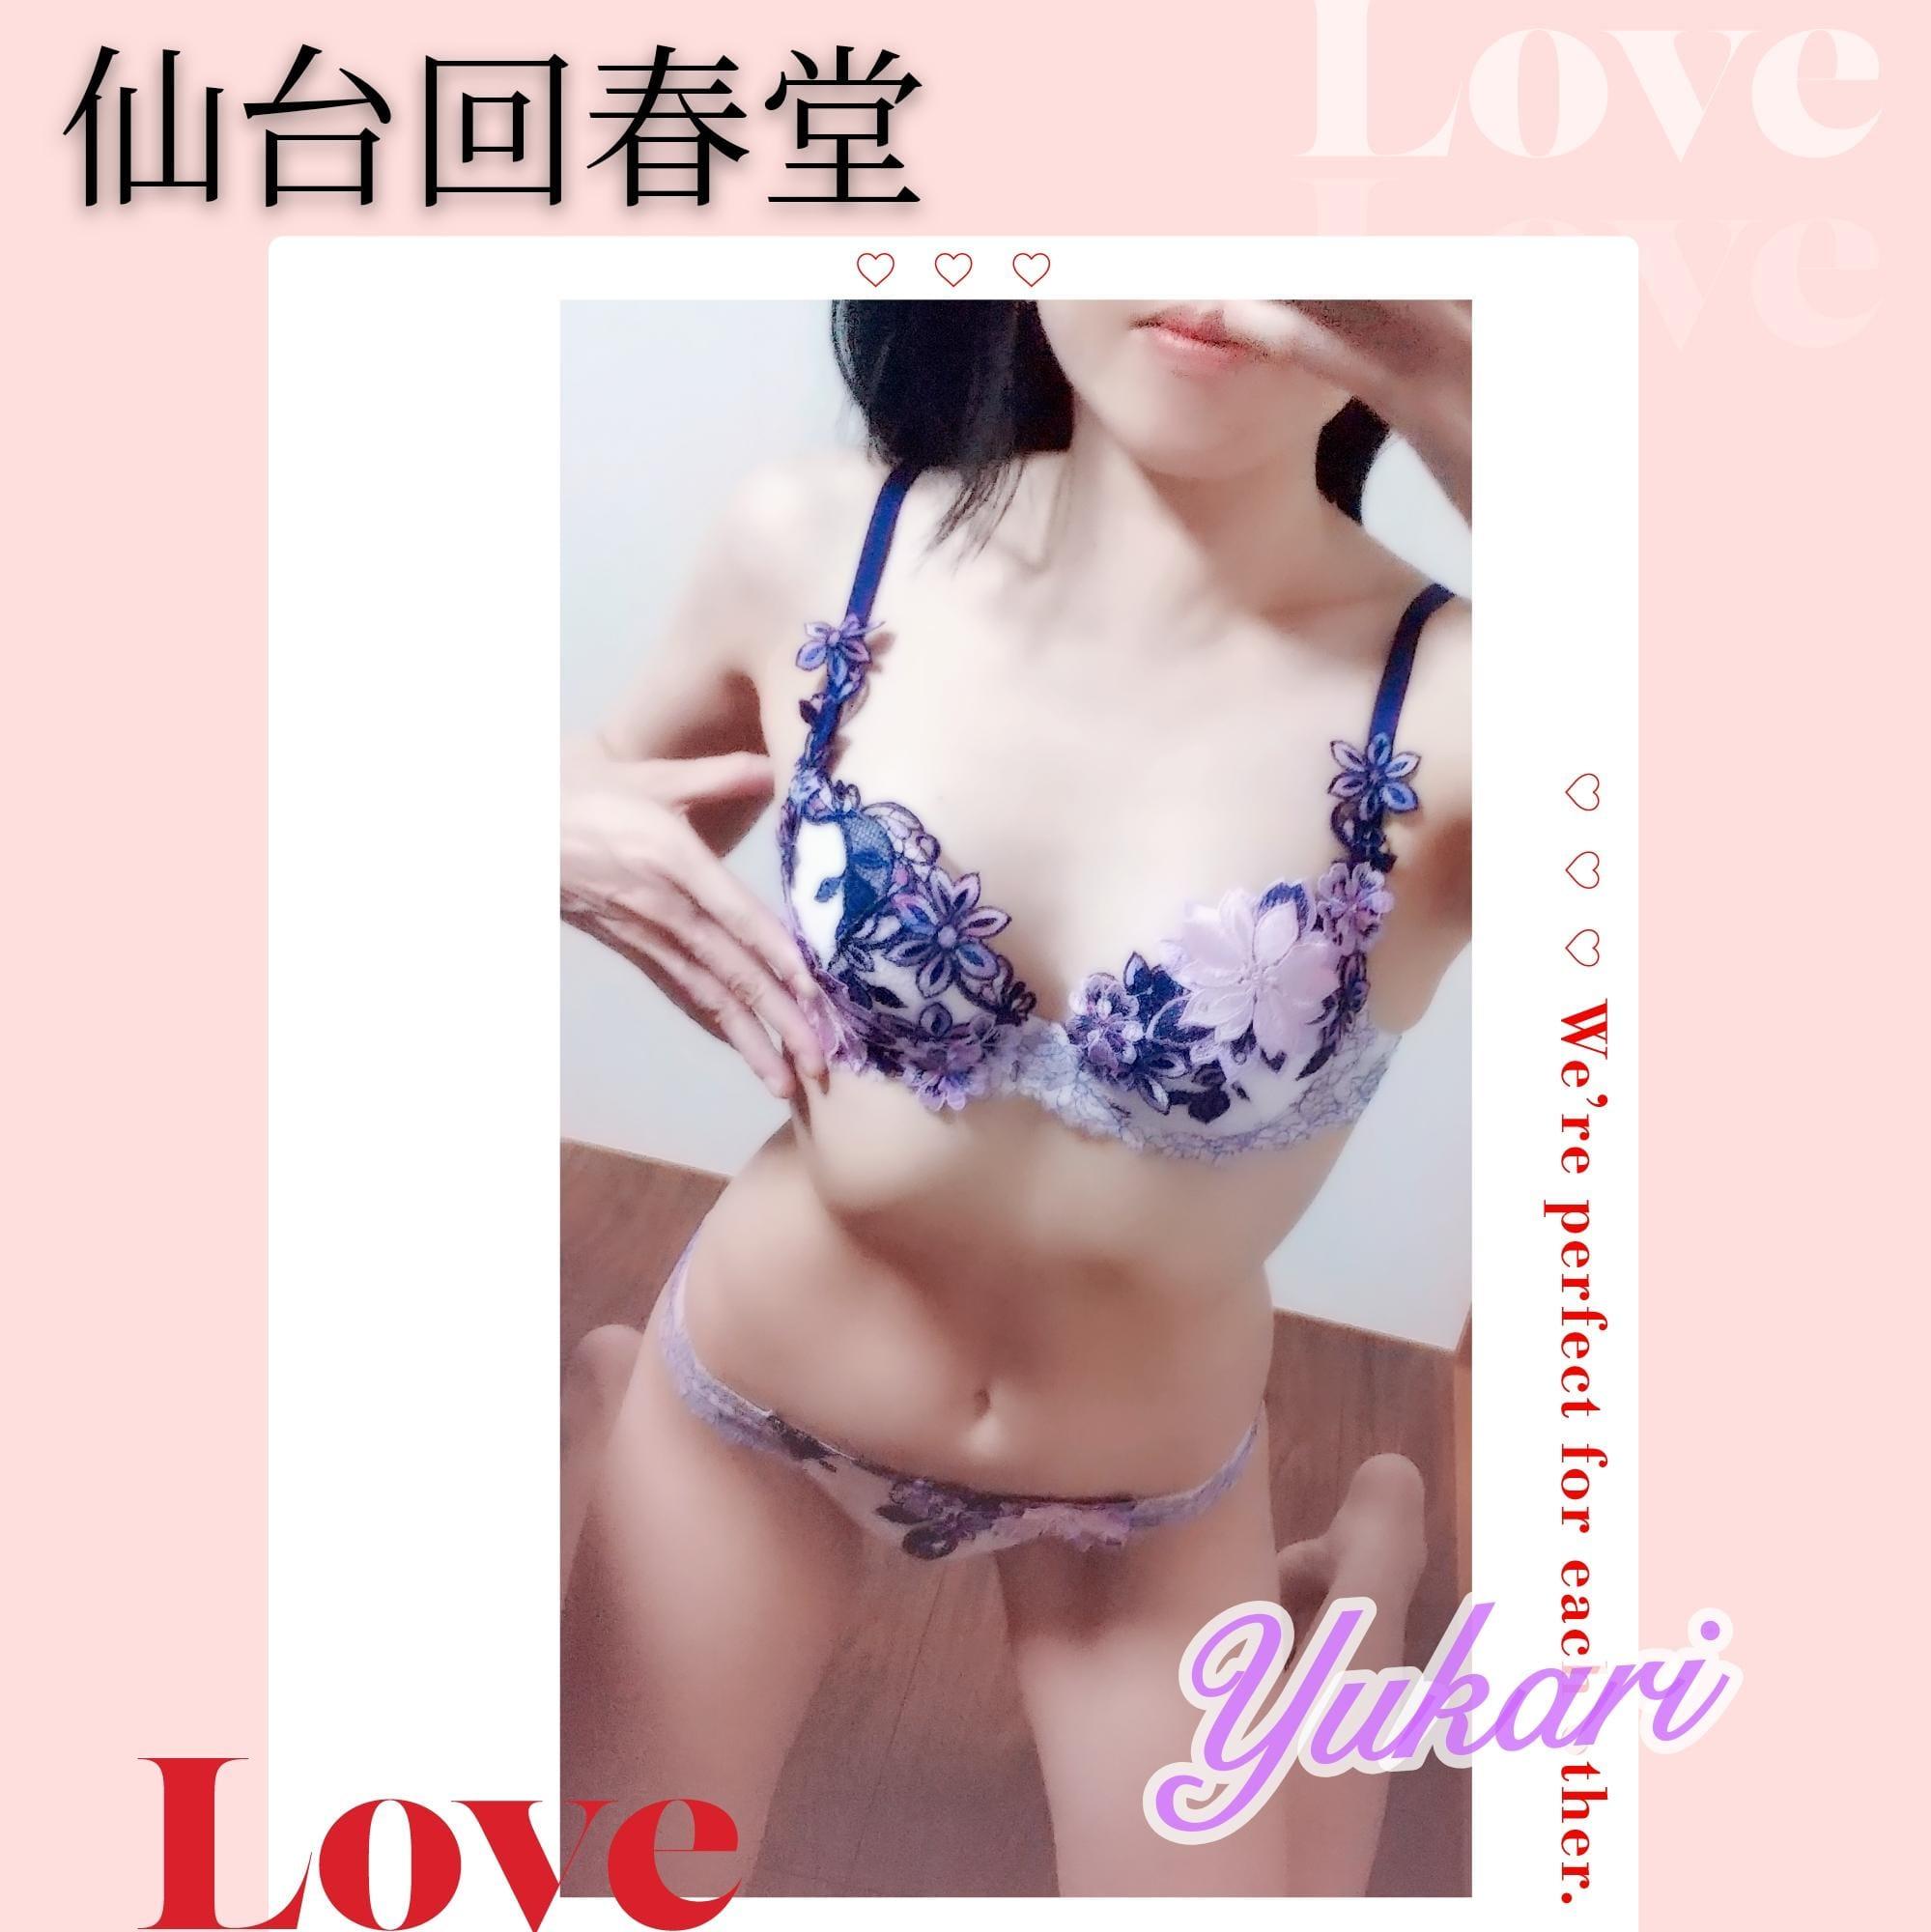 「19時御予約様」07/03(07/03) 17:52 | 紫-ゆかり-の写メ・風俗動画